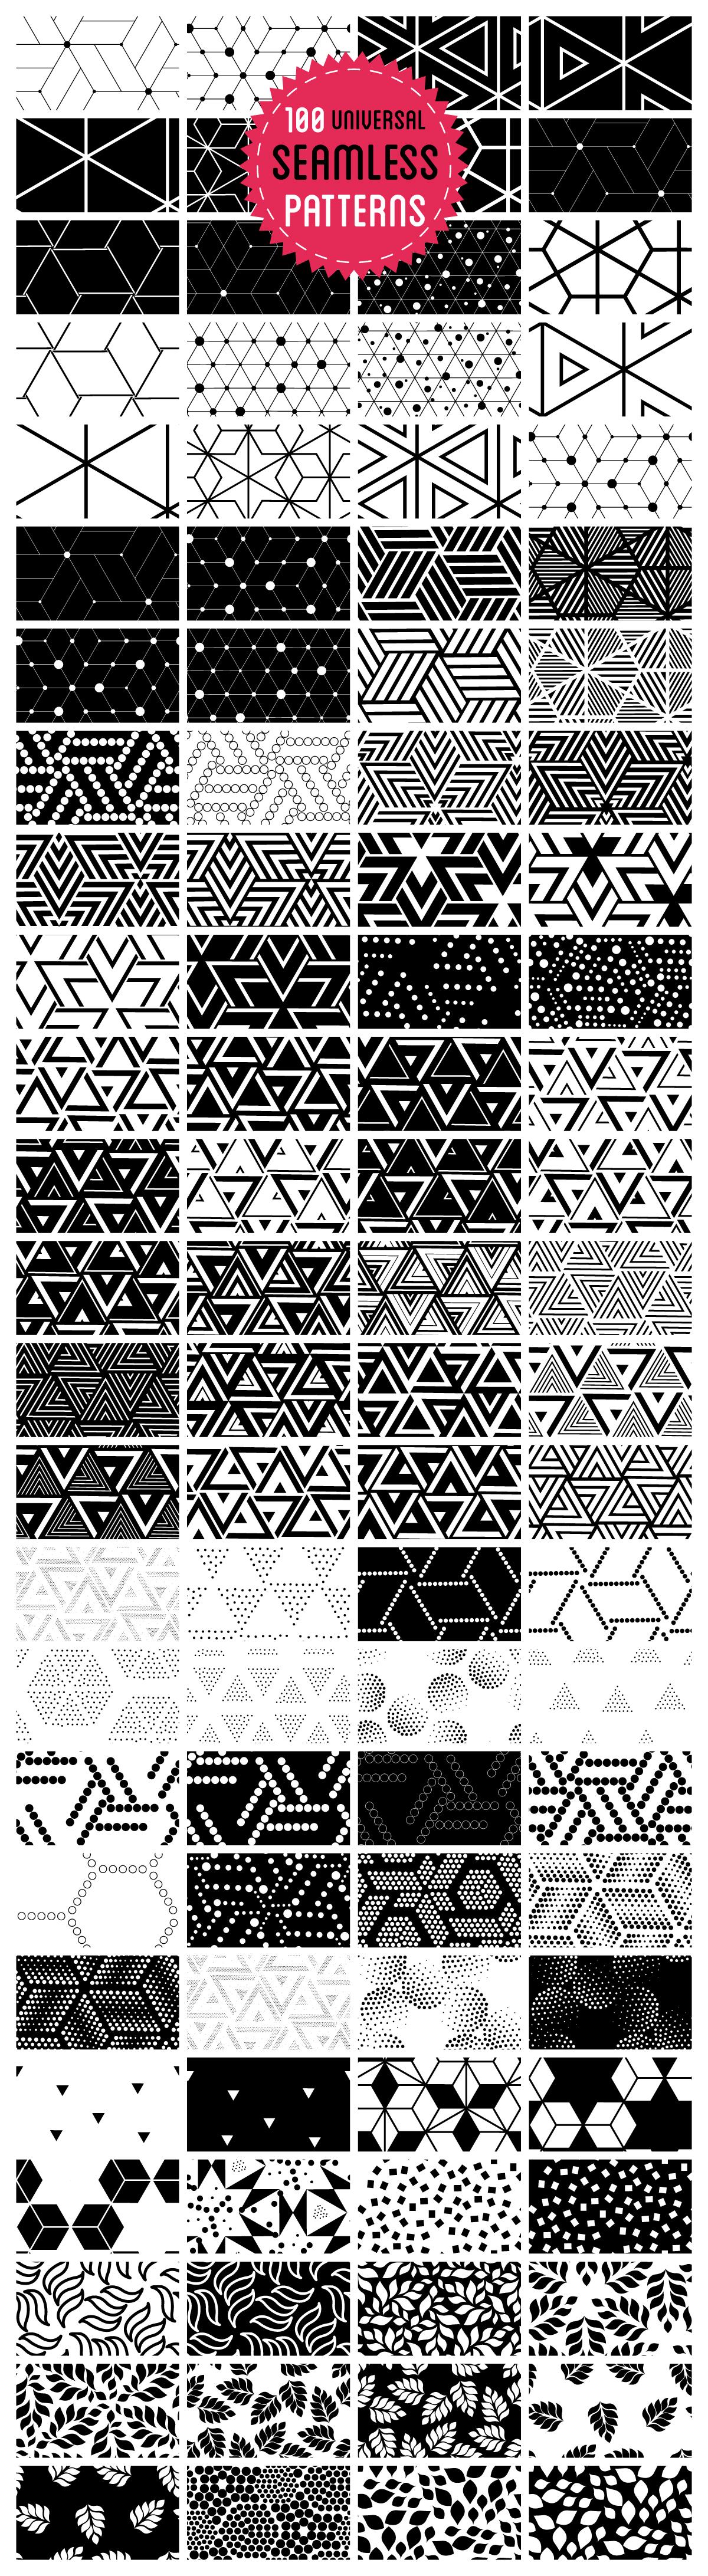 100 universal seamless patterns